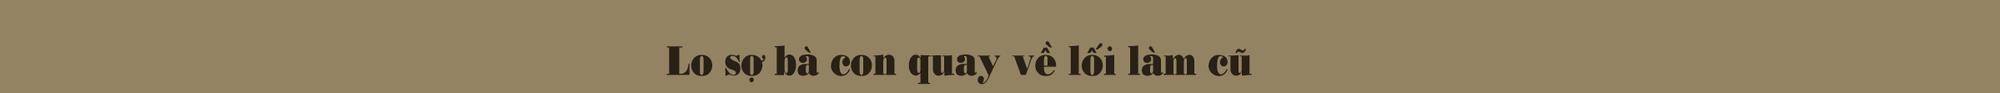 [eMagazine] Cà phê đặc sản: Cửa ngách để nâng tầm cà phê Việt - Ảnh 17.